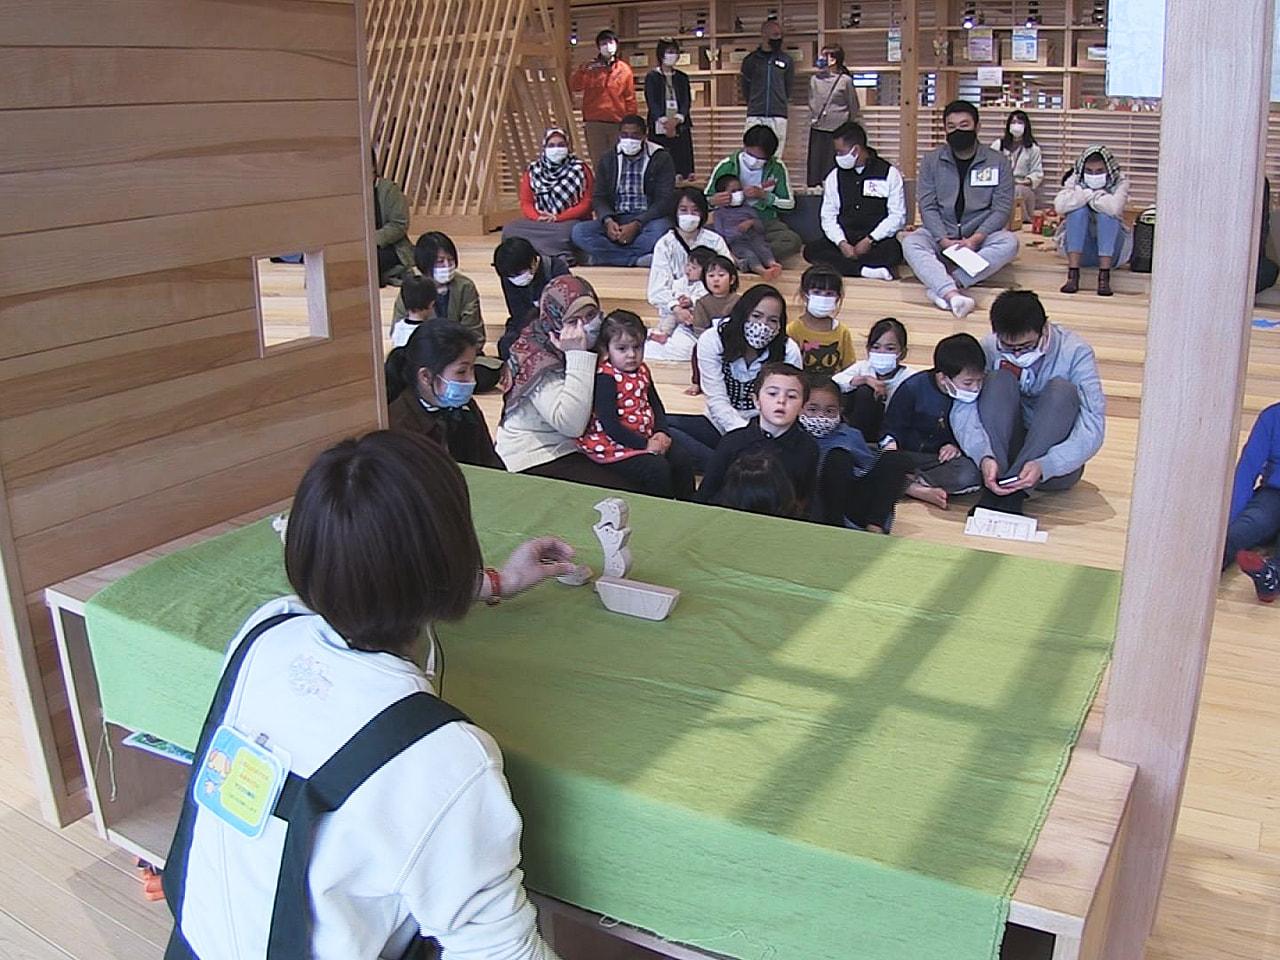 2020年7月にオープンした岐阜市のぎふ木遊館で28日、外国人来館者を迎える研修...